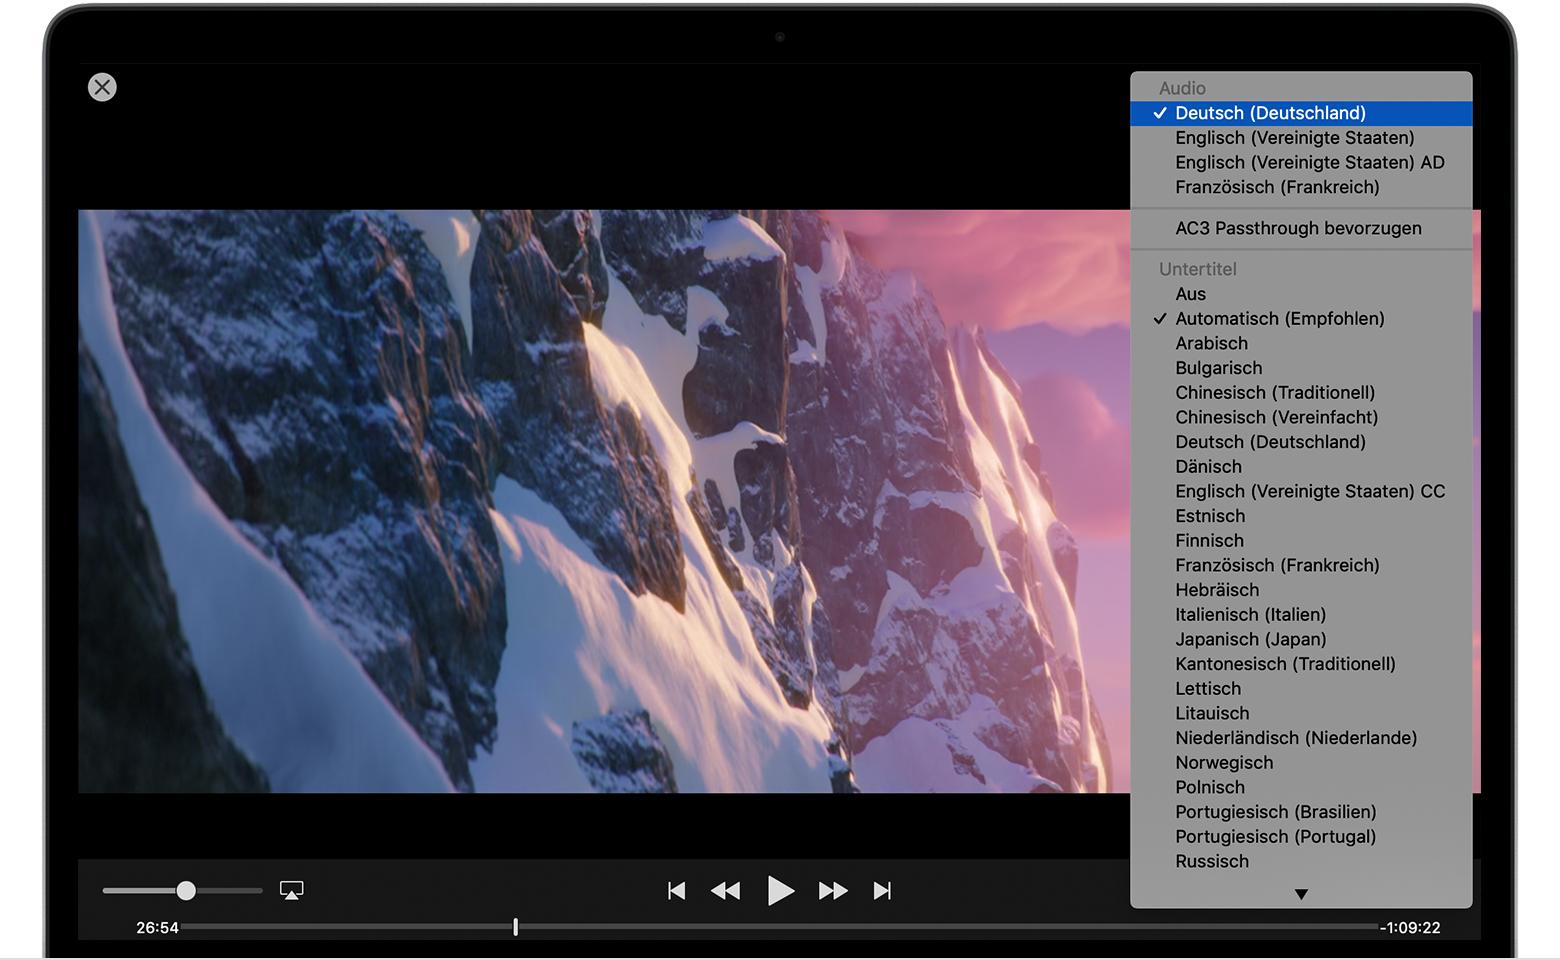 Untertitel oder Audiosprache von Filmen und TV-Sendungen ...